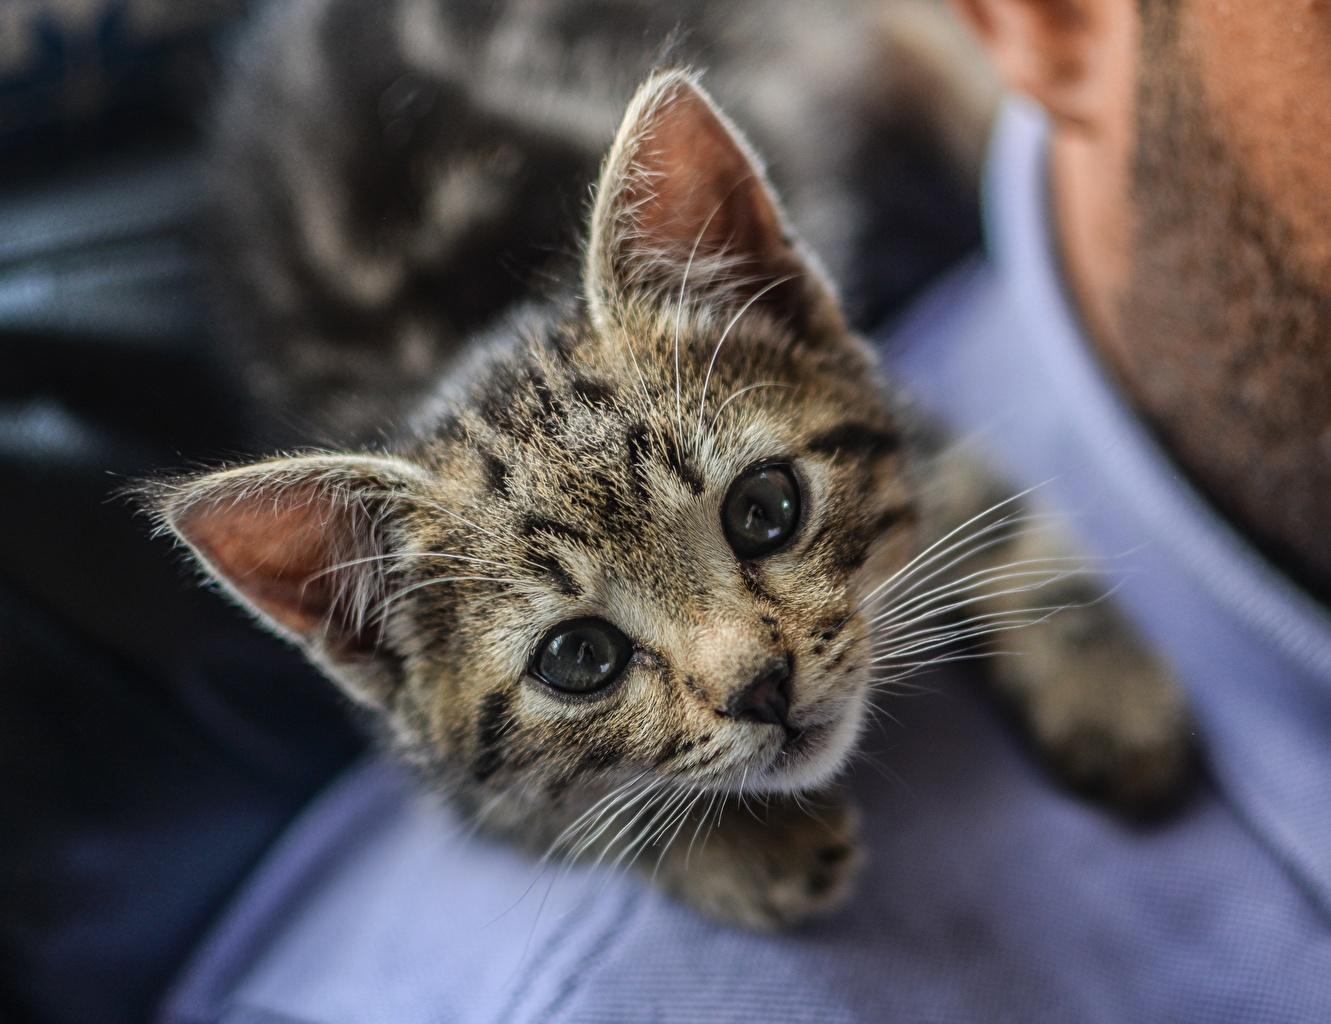 Картинки котенка Кошки Милые Усы Вибриссы смотрит животное котят Котята котенок кот коты кошка милая милый Миленькие Взгляд смотрят Животные